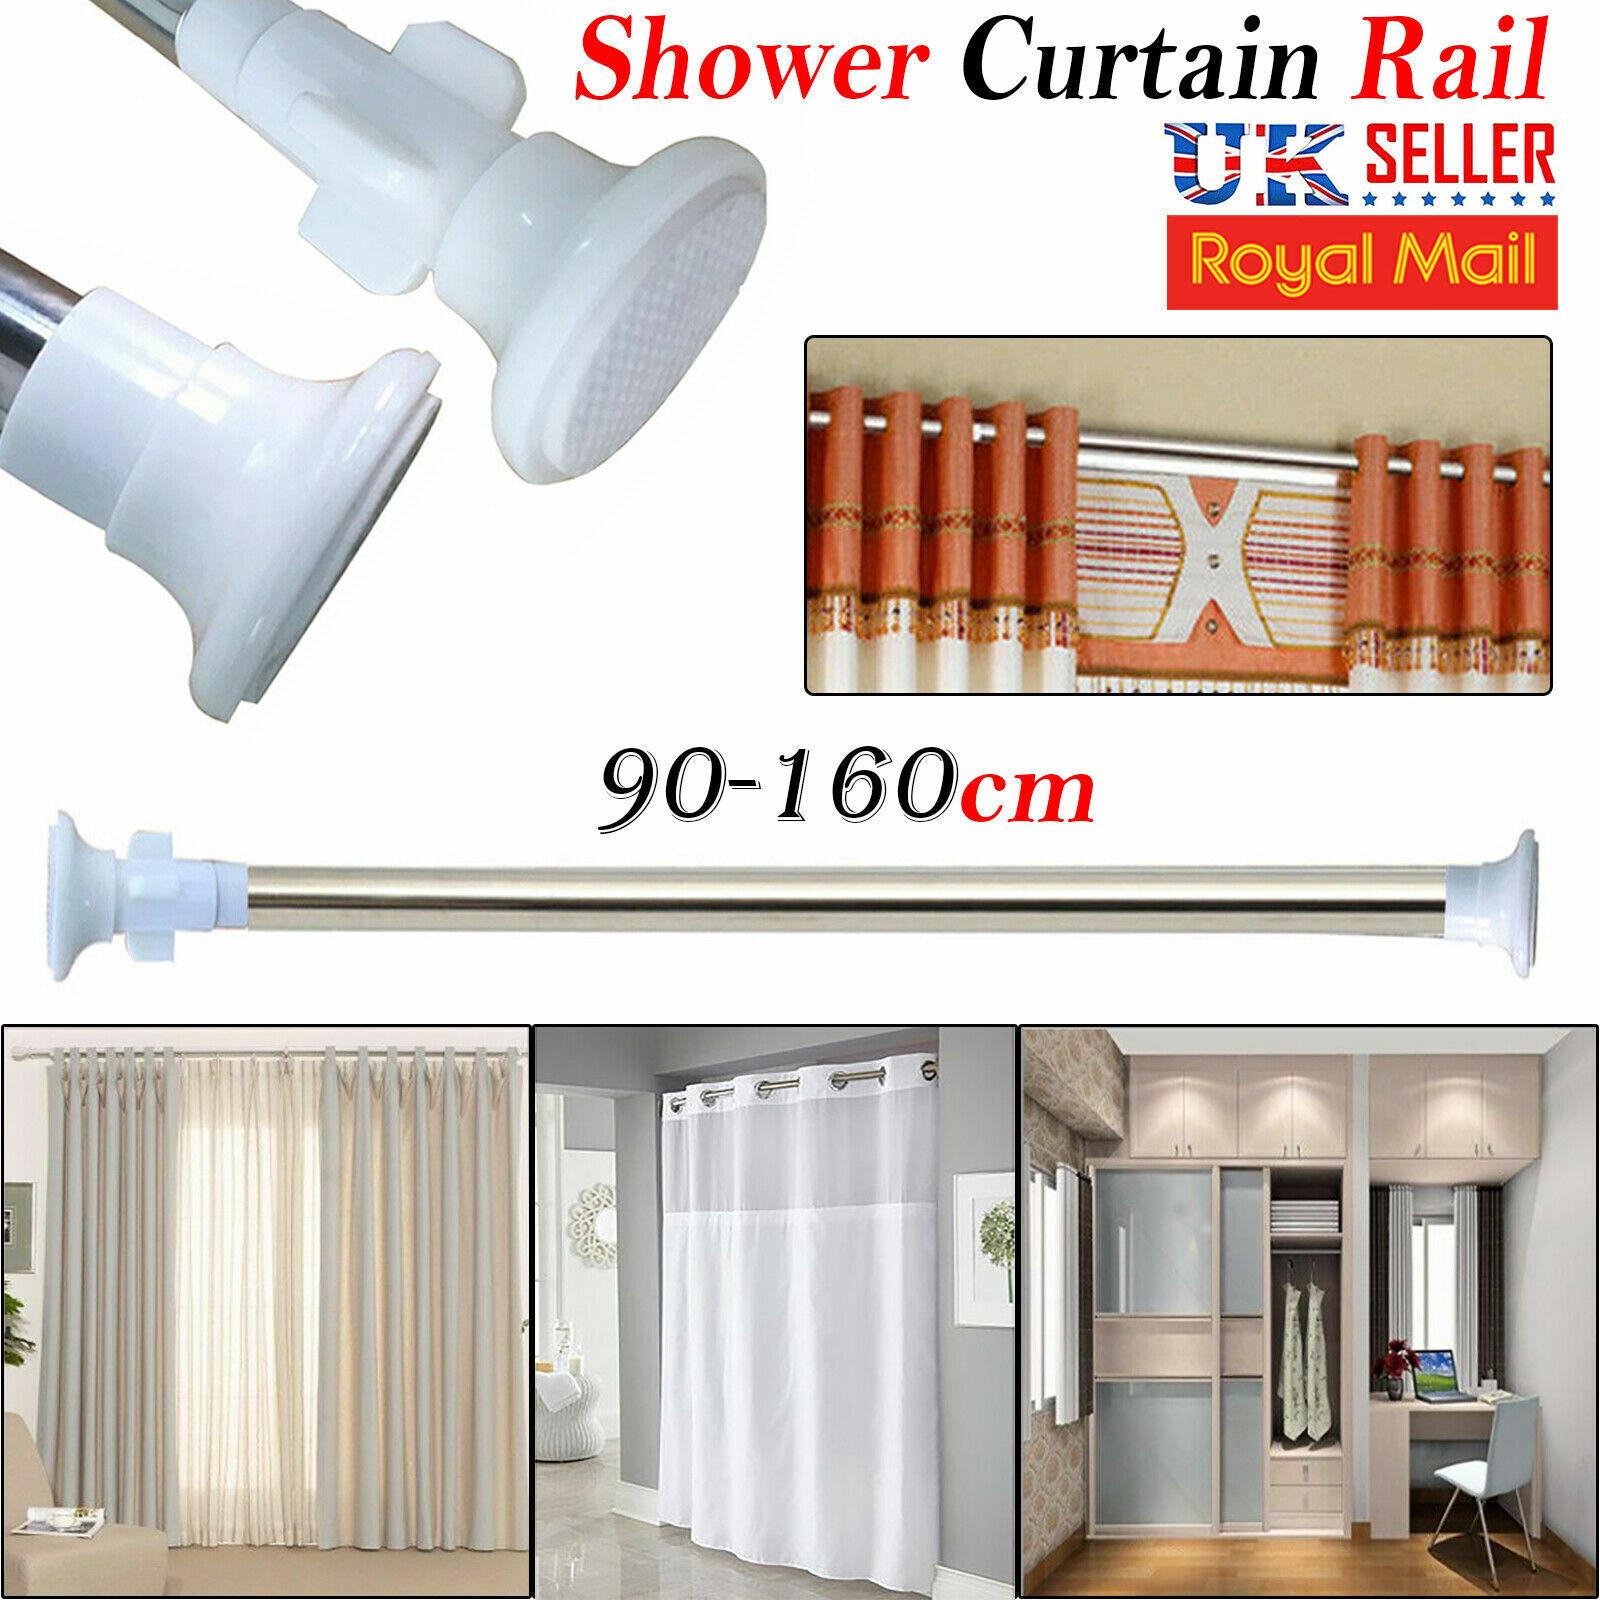 MyCamBay 125-220cm Extendable Telescopic Shower Curtain Rail Pole Rod Bath Window Chrome